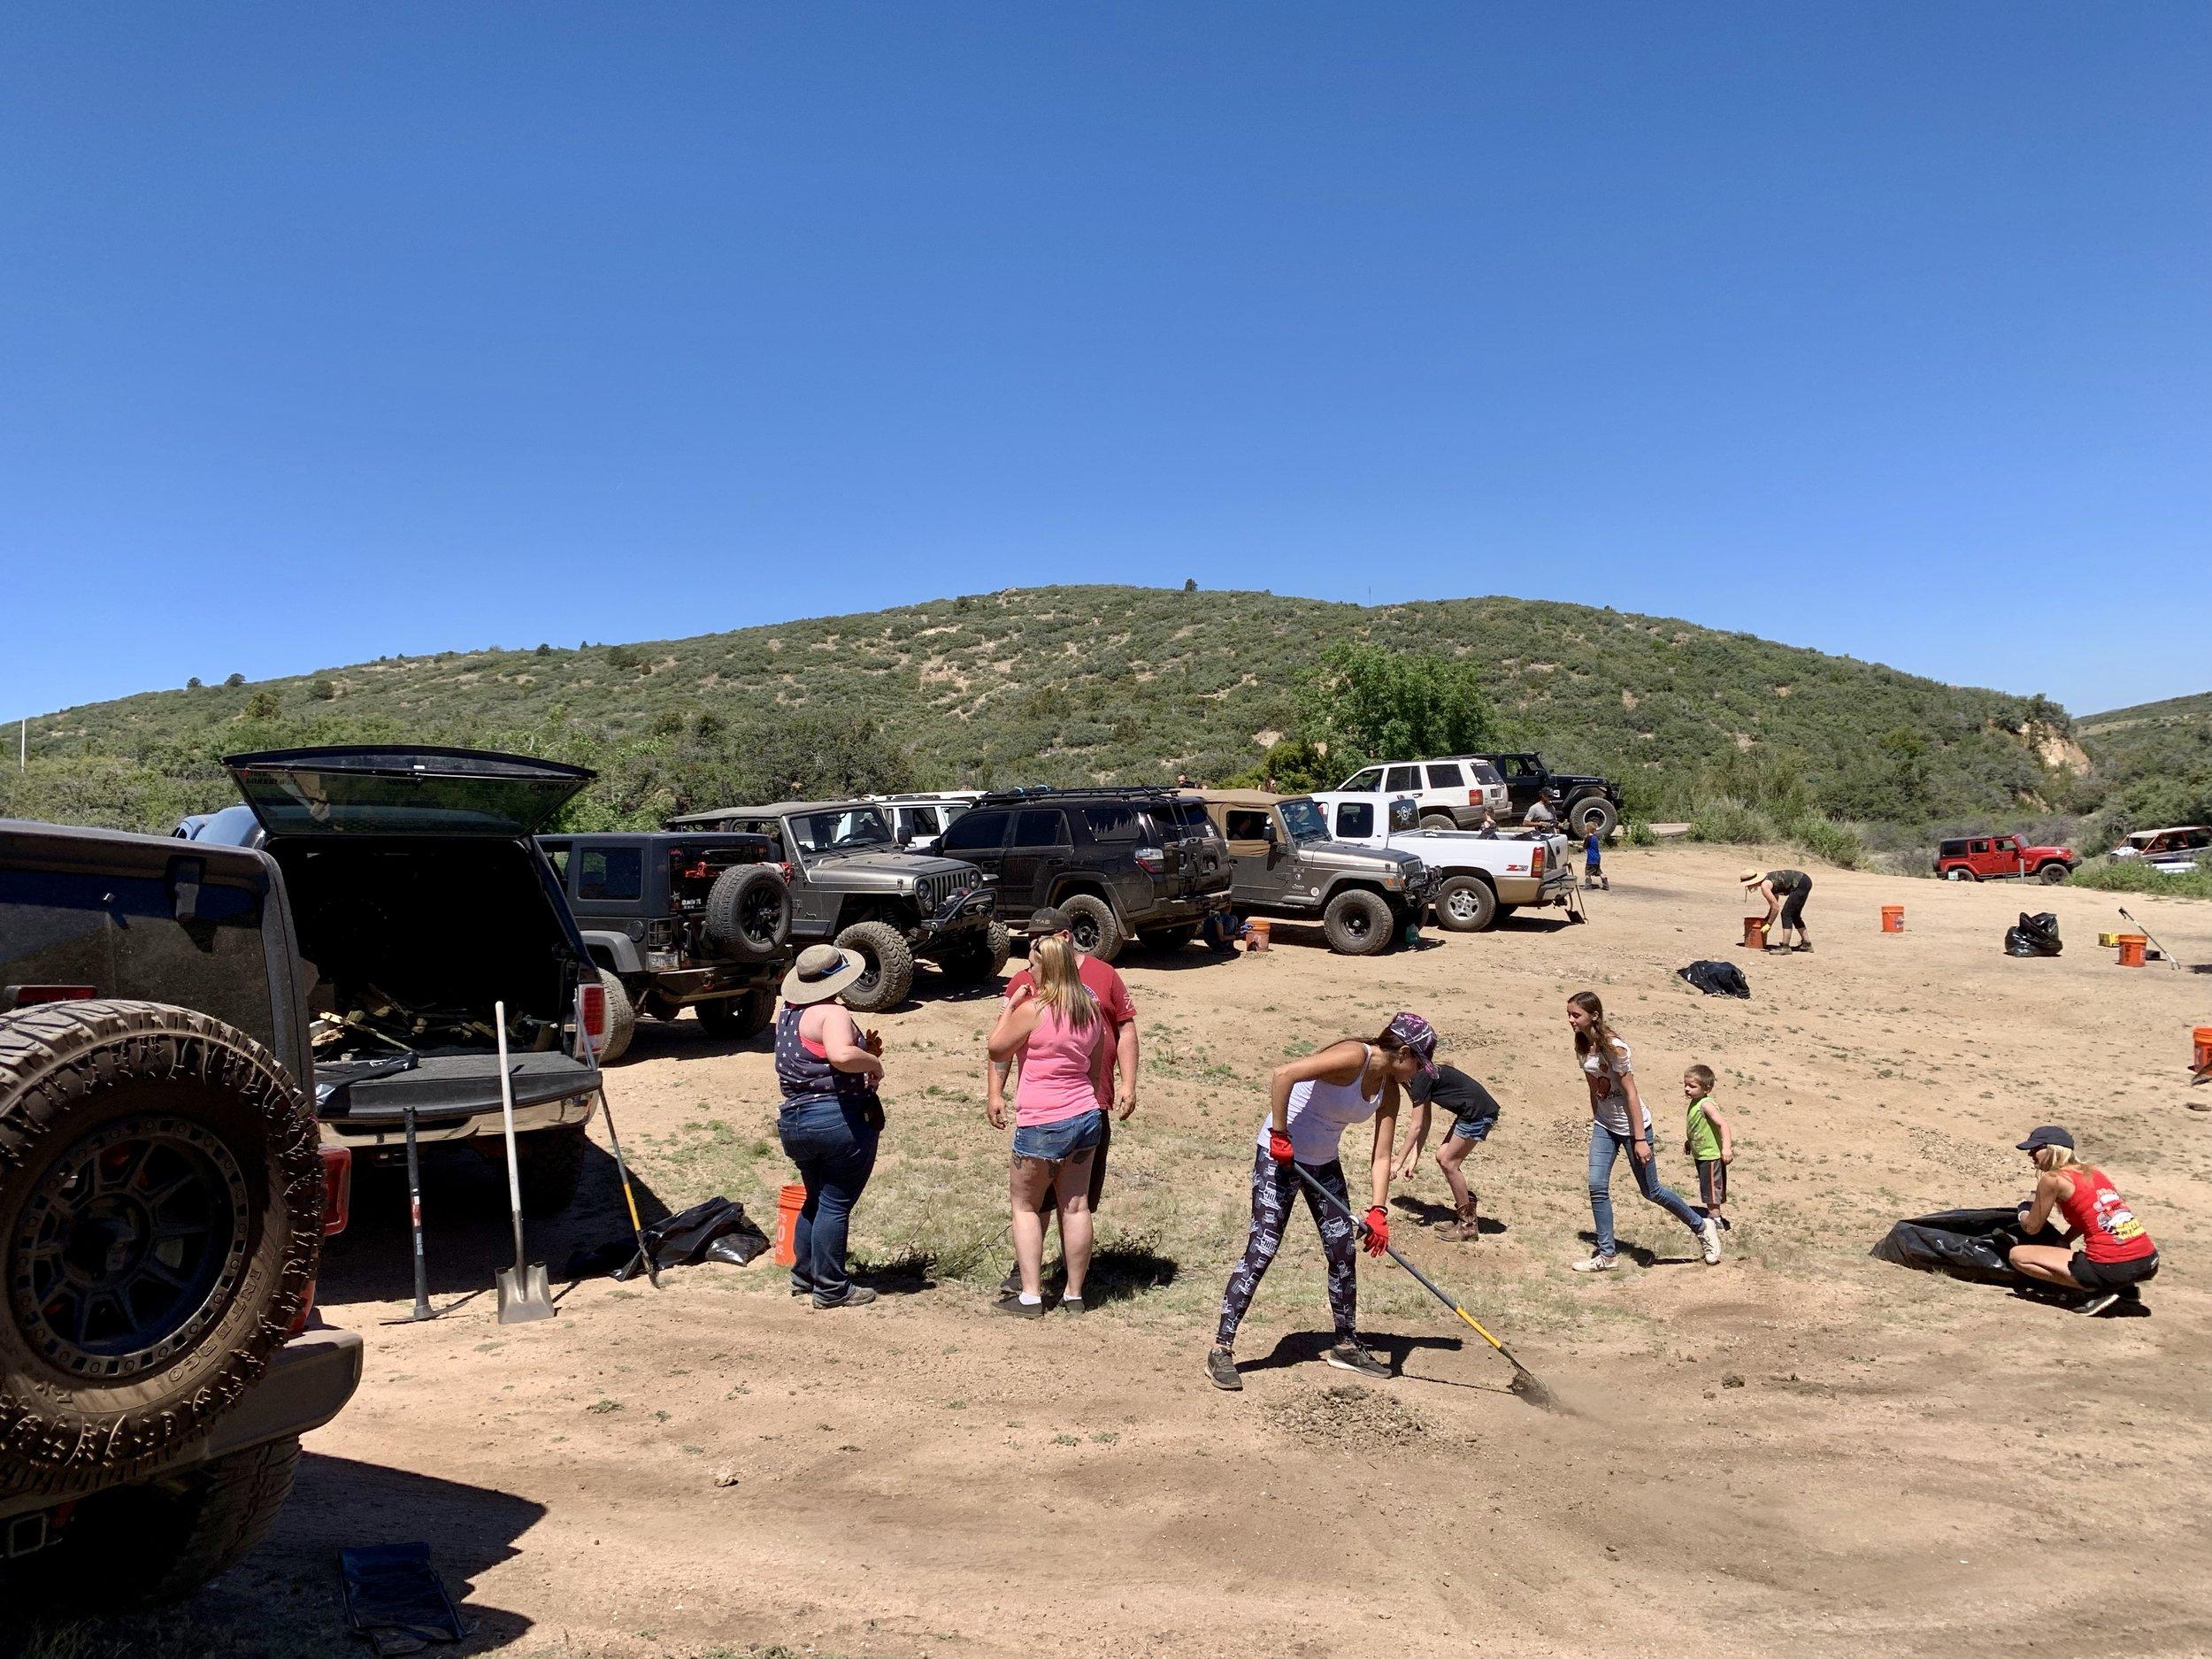 06/08/19 Doce Pit OHV Area Volunteer Cleanup